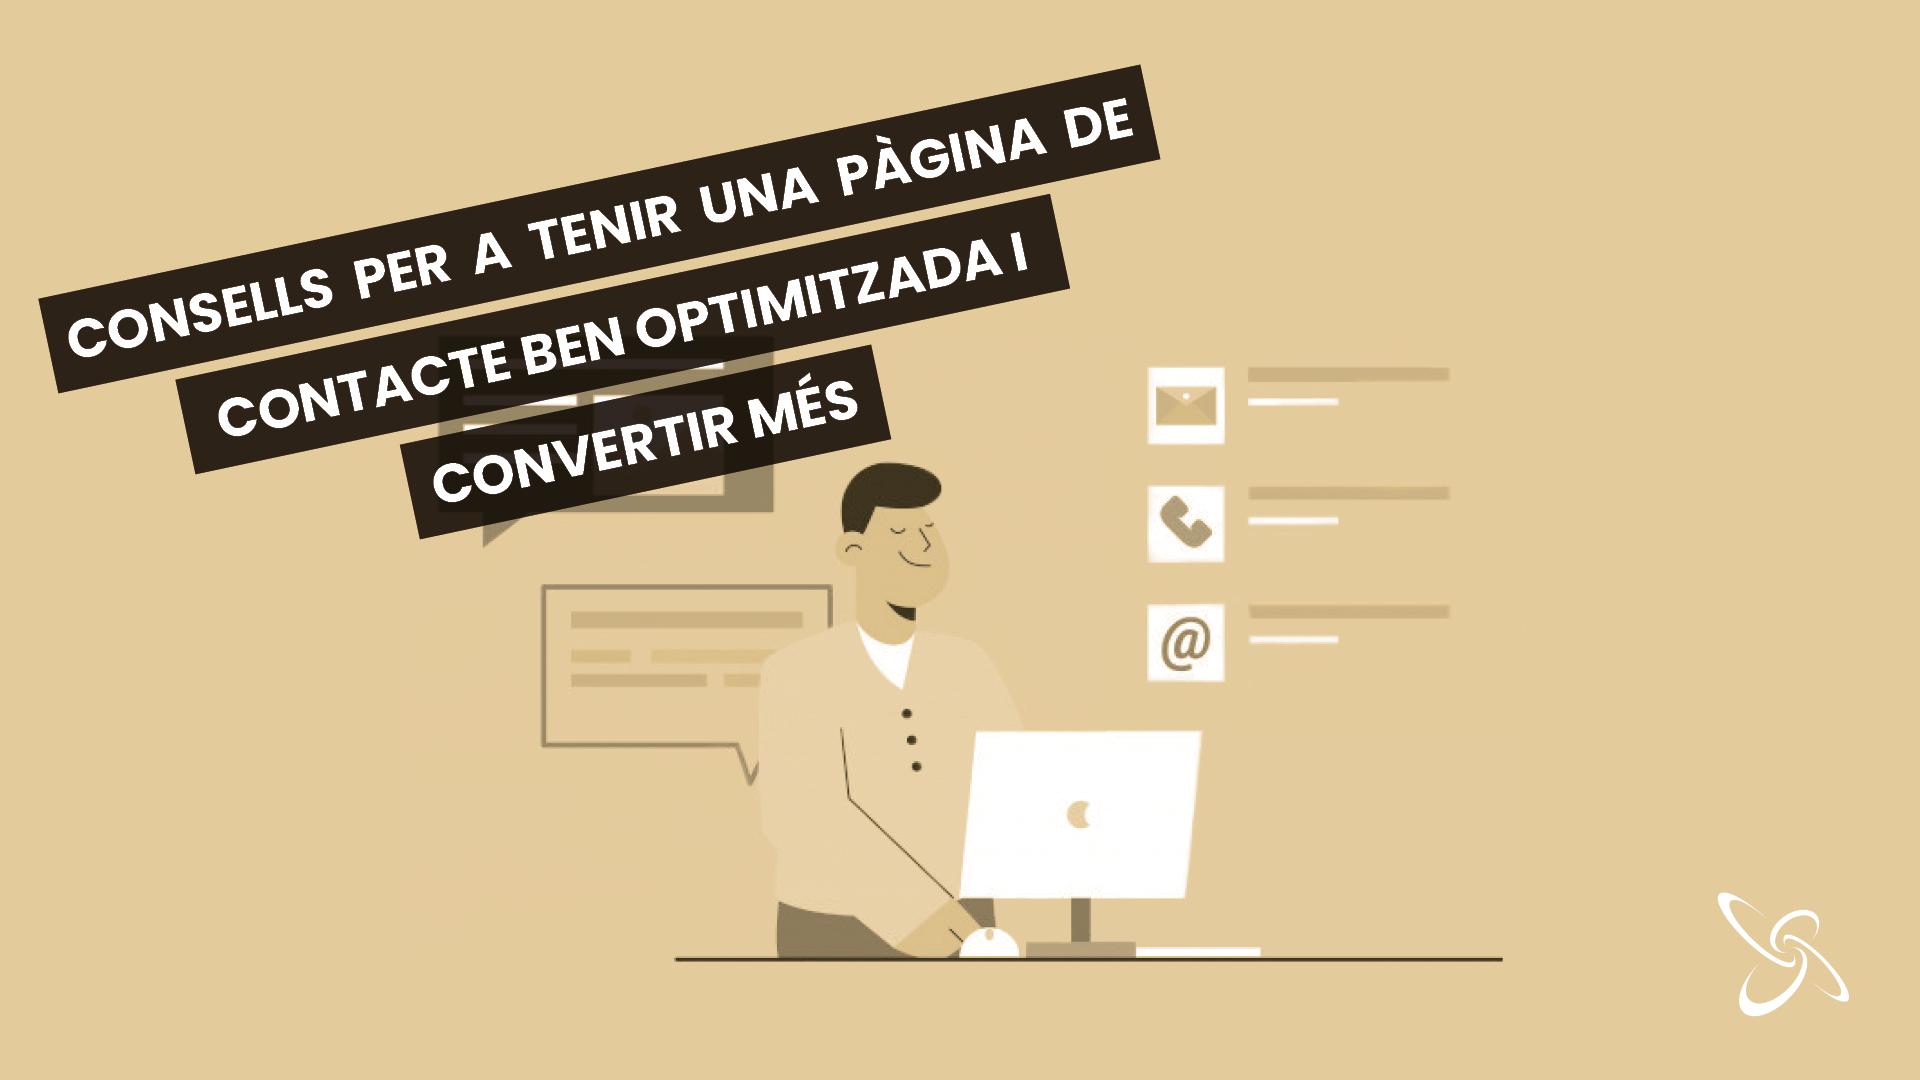 Consells per a tenir una pàgina de contacte ben optimitzada i convertir més